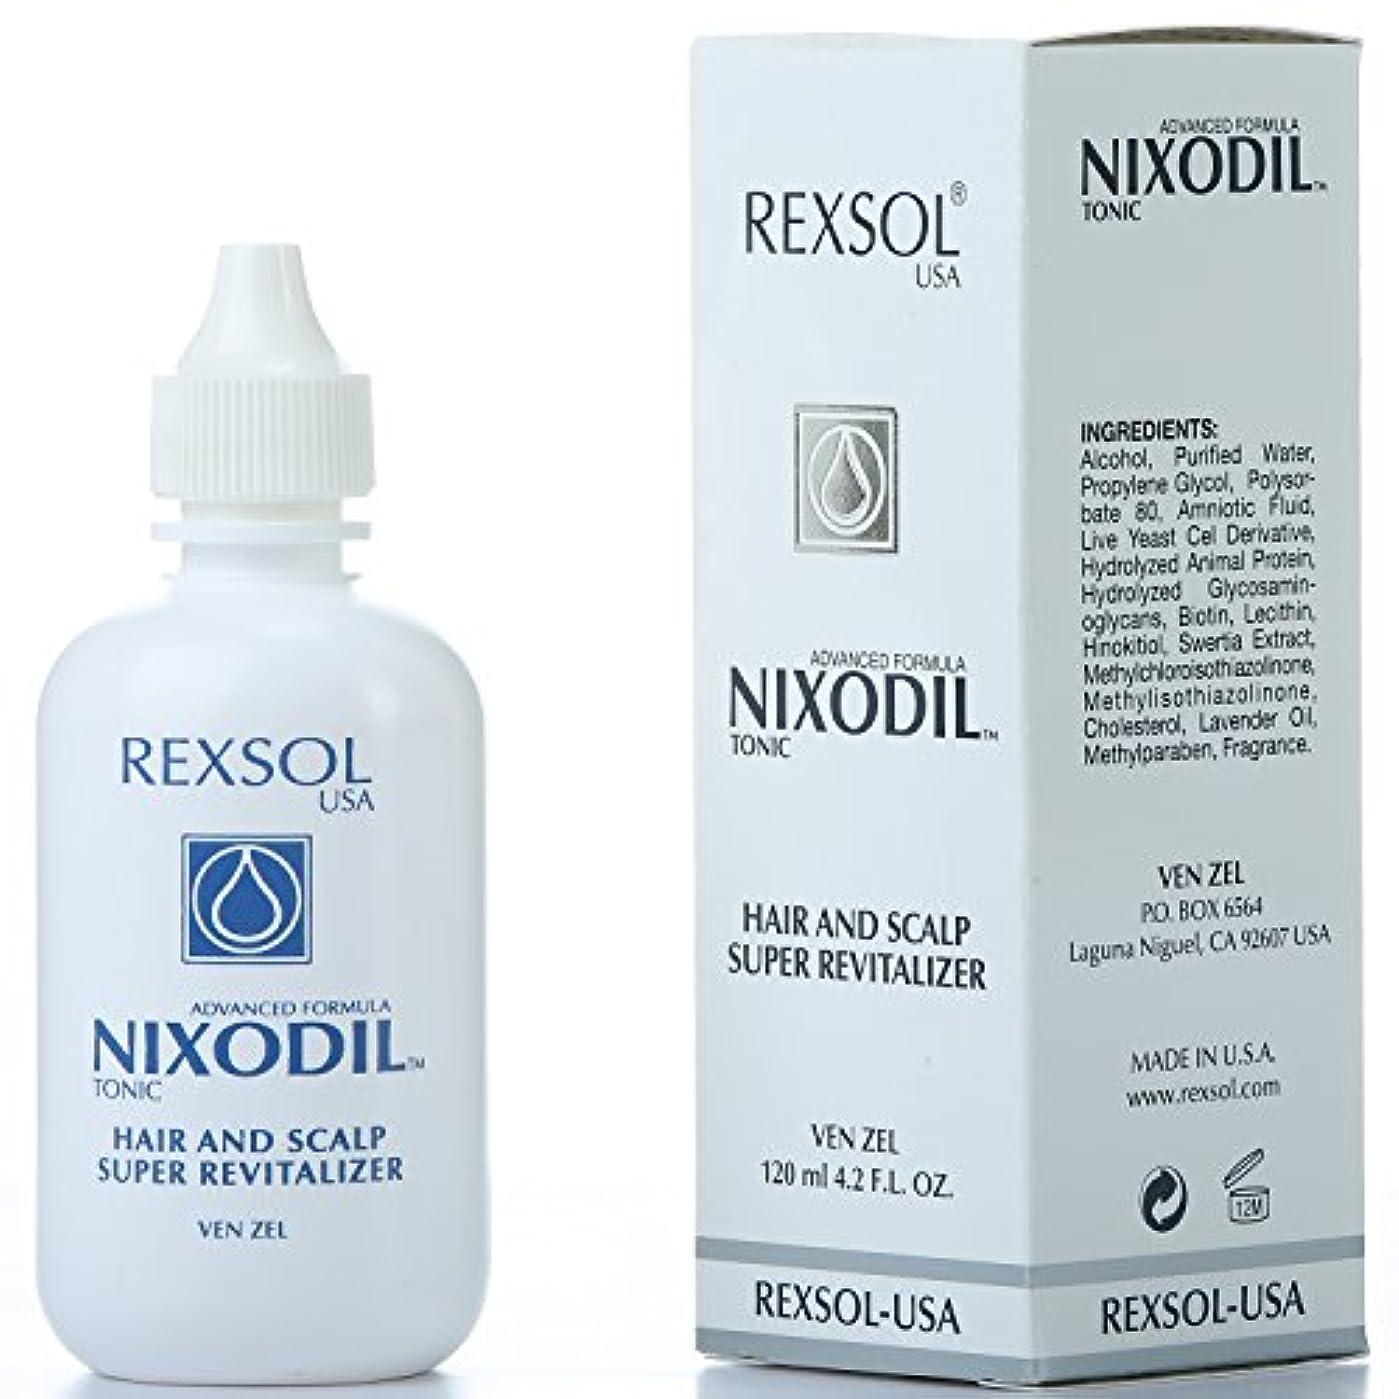 プライム開示する出発REXSOLニクソディルヘア&スカルプスーパーリバイタライザー| ライブ酵母細胞誘導体、ビオチン、レシチン、Swertia Extract&ラベンダーオイル| 毛の損失と刺激的な成長を防ぎます(120 ml / 4.2...